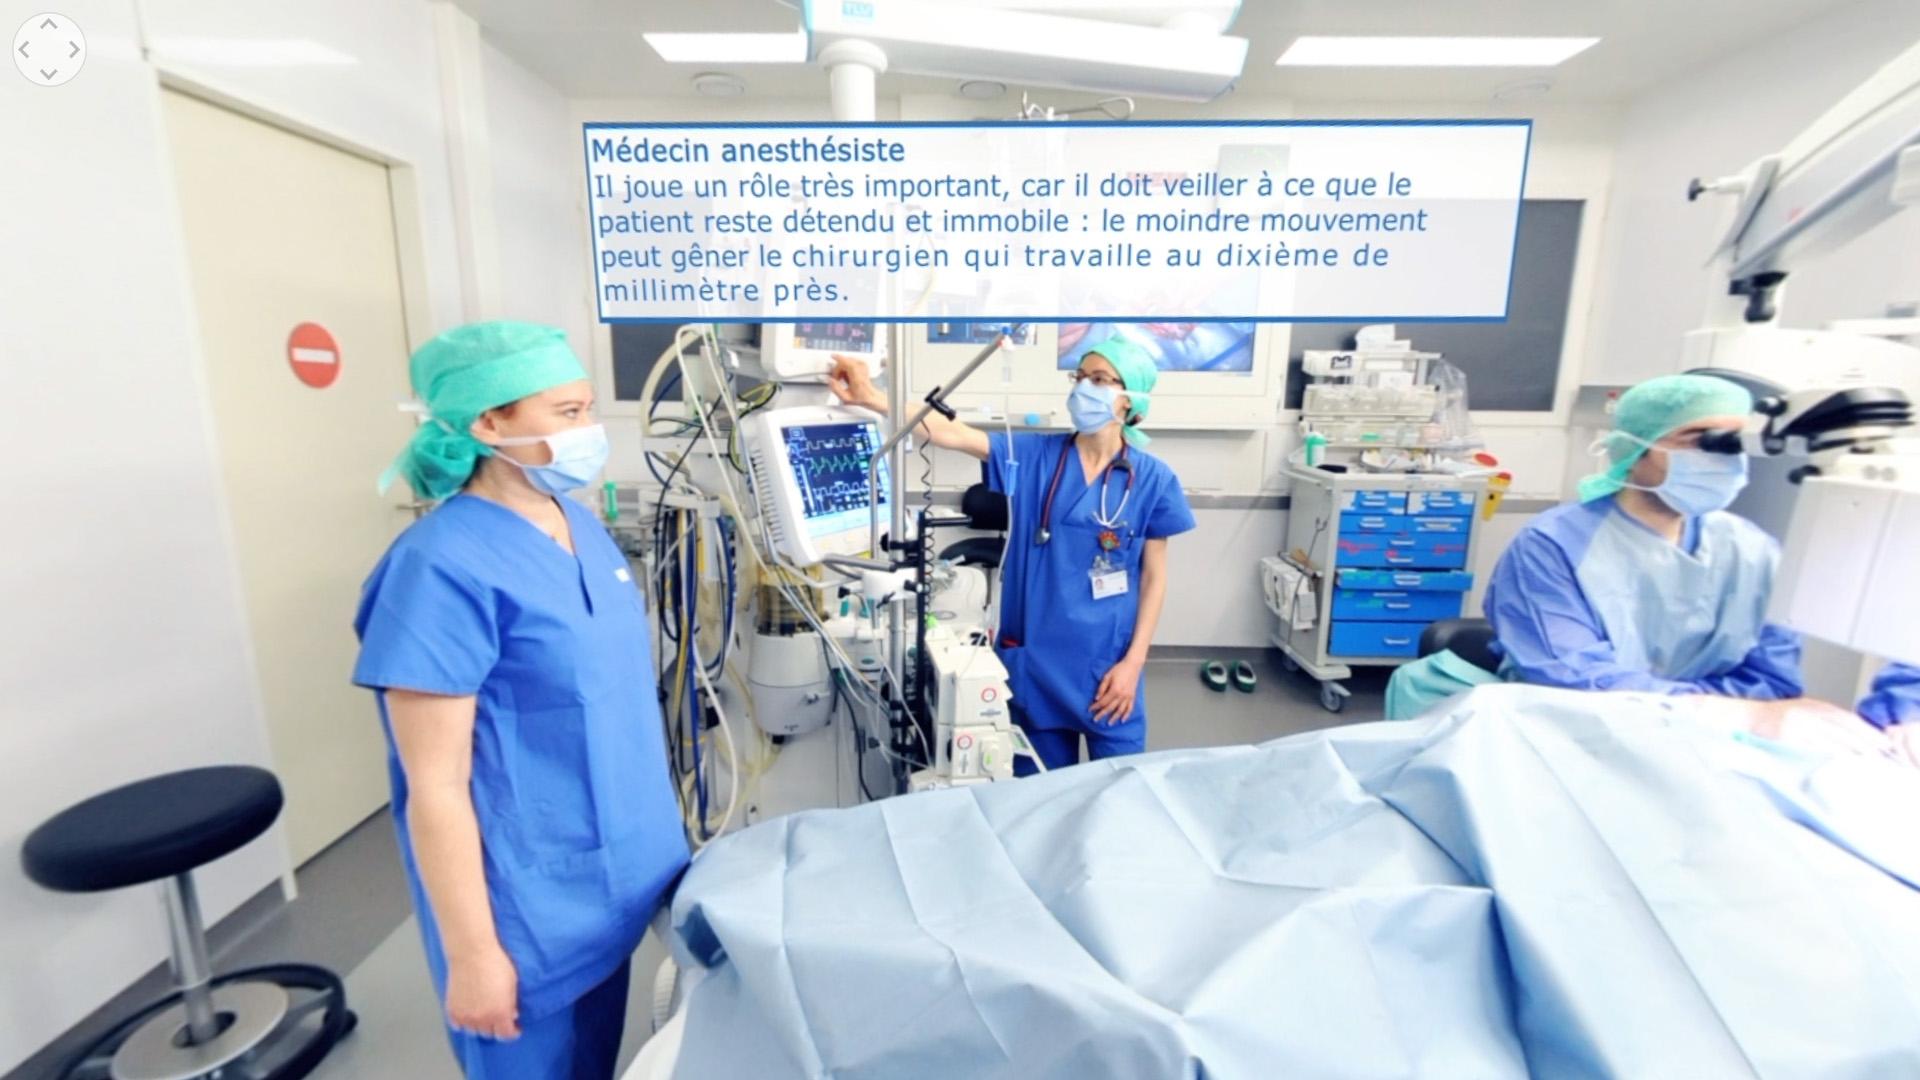 chirurgien anesthesiste salaire Un chirurgien gagne entre 3 594 € bruts et 32 049 € bruts par mois en france, soit un salaire moyen de 17 822 € bruts par mois, avant paiement des charges et impôts qui représentent.